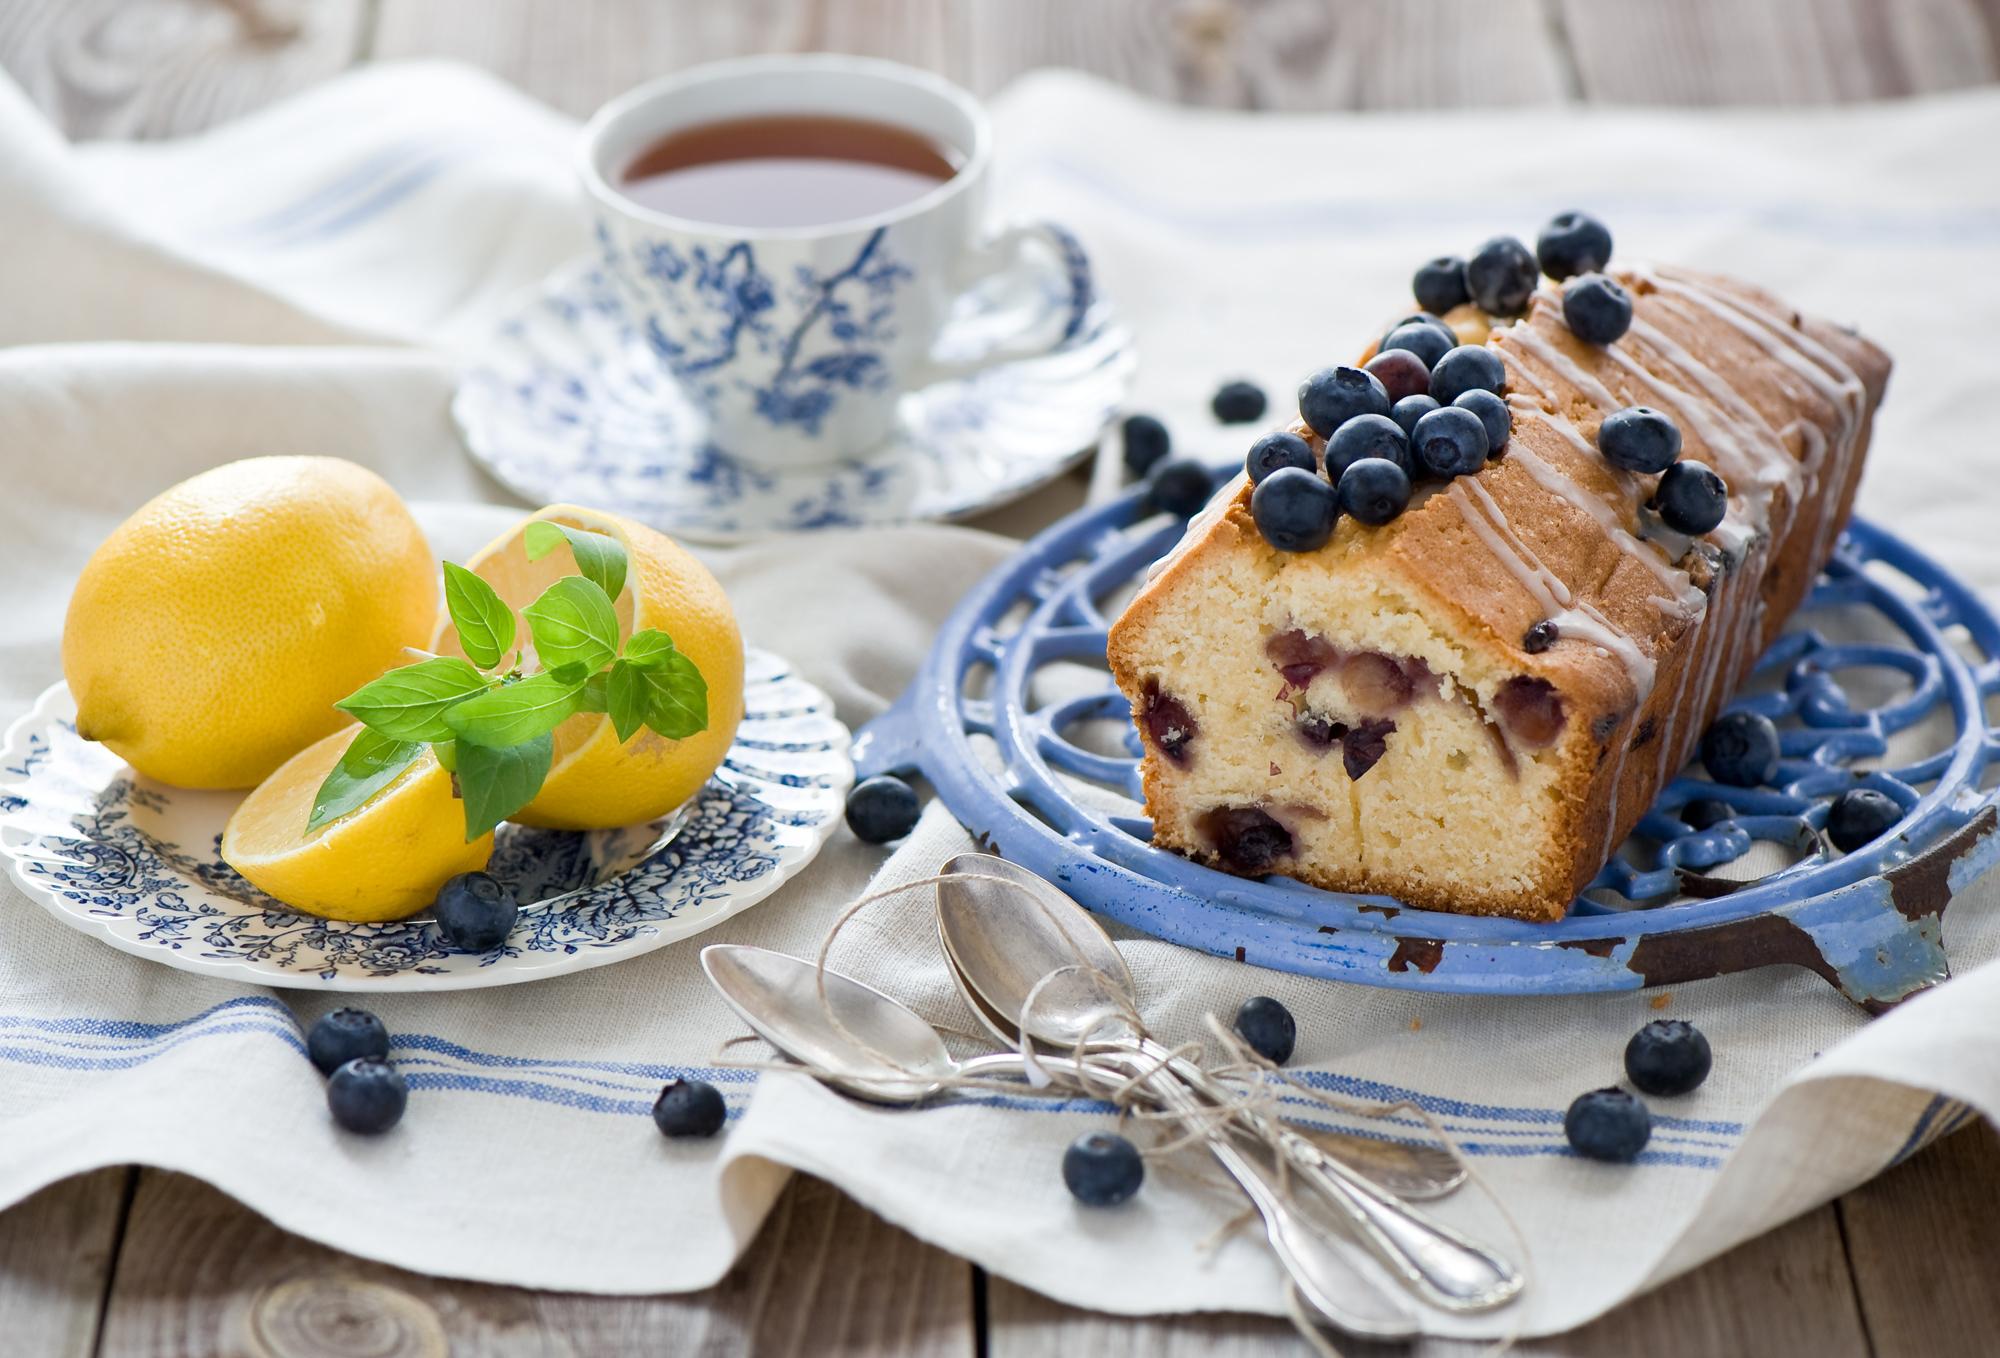 картинка чашка чая и десерт того